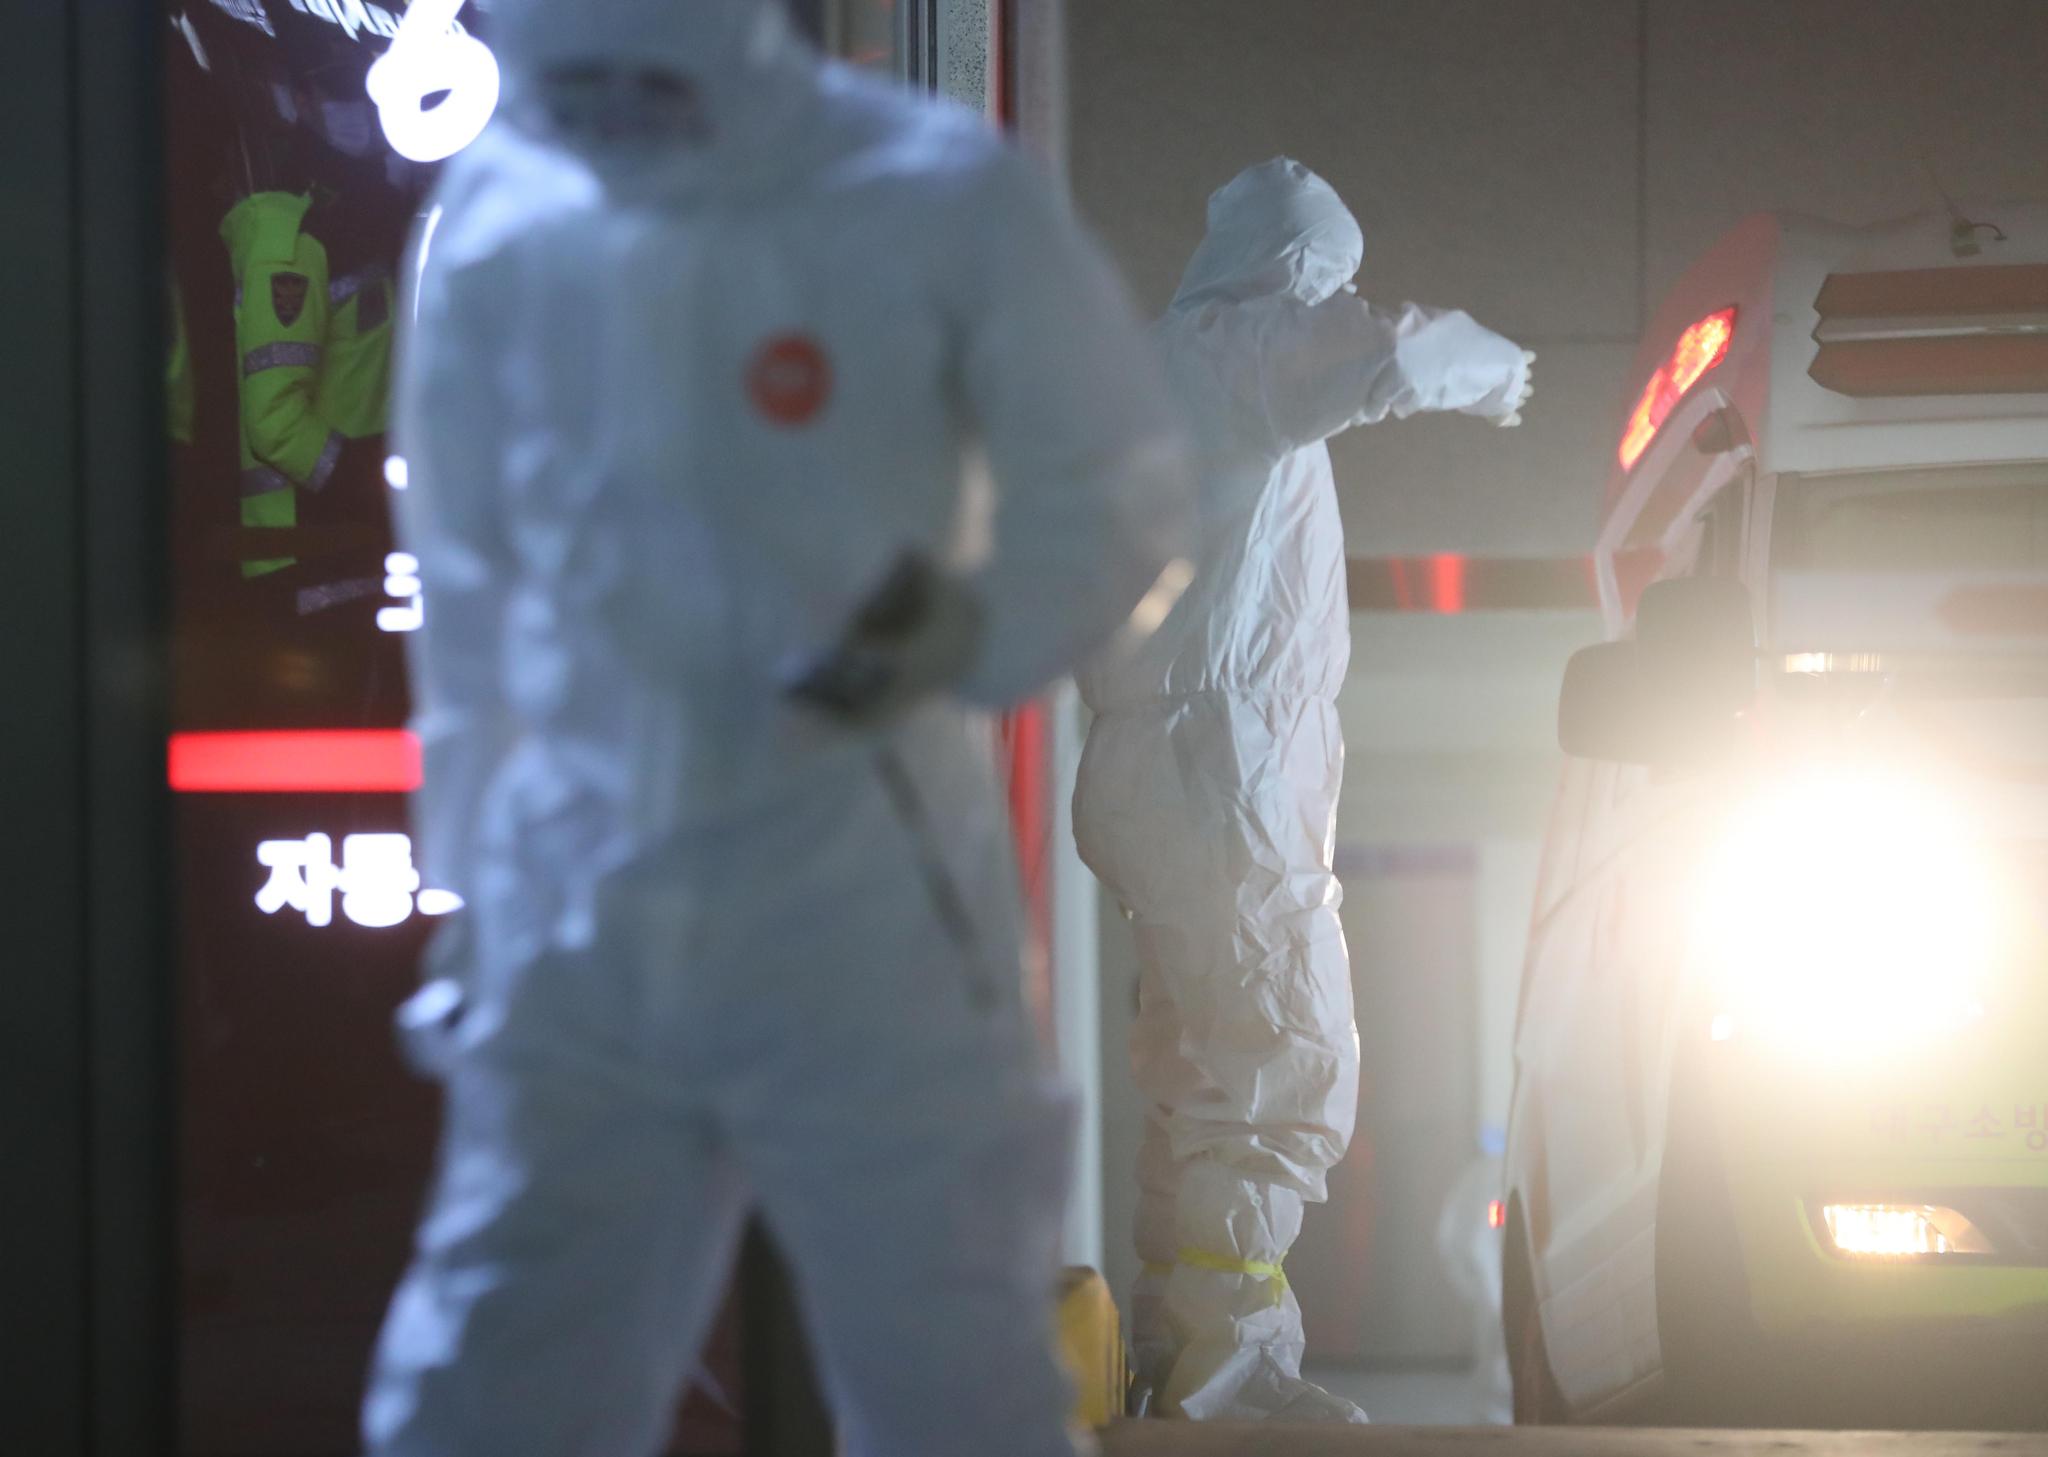 18일 오후 대구시 수성구 병원에서 입원 환자들이 대구의료원으로 이송하기 위해 의료진이 분주하게 움직이고 있다. [연합뉴스]